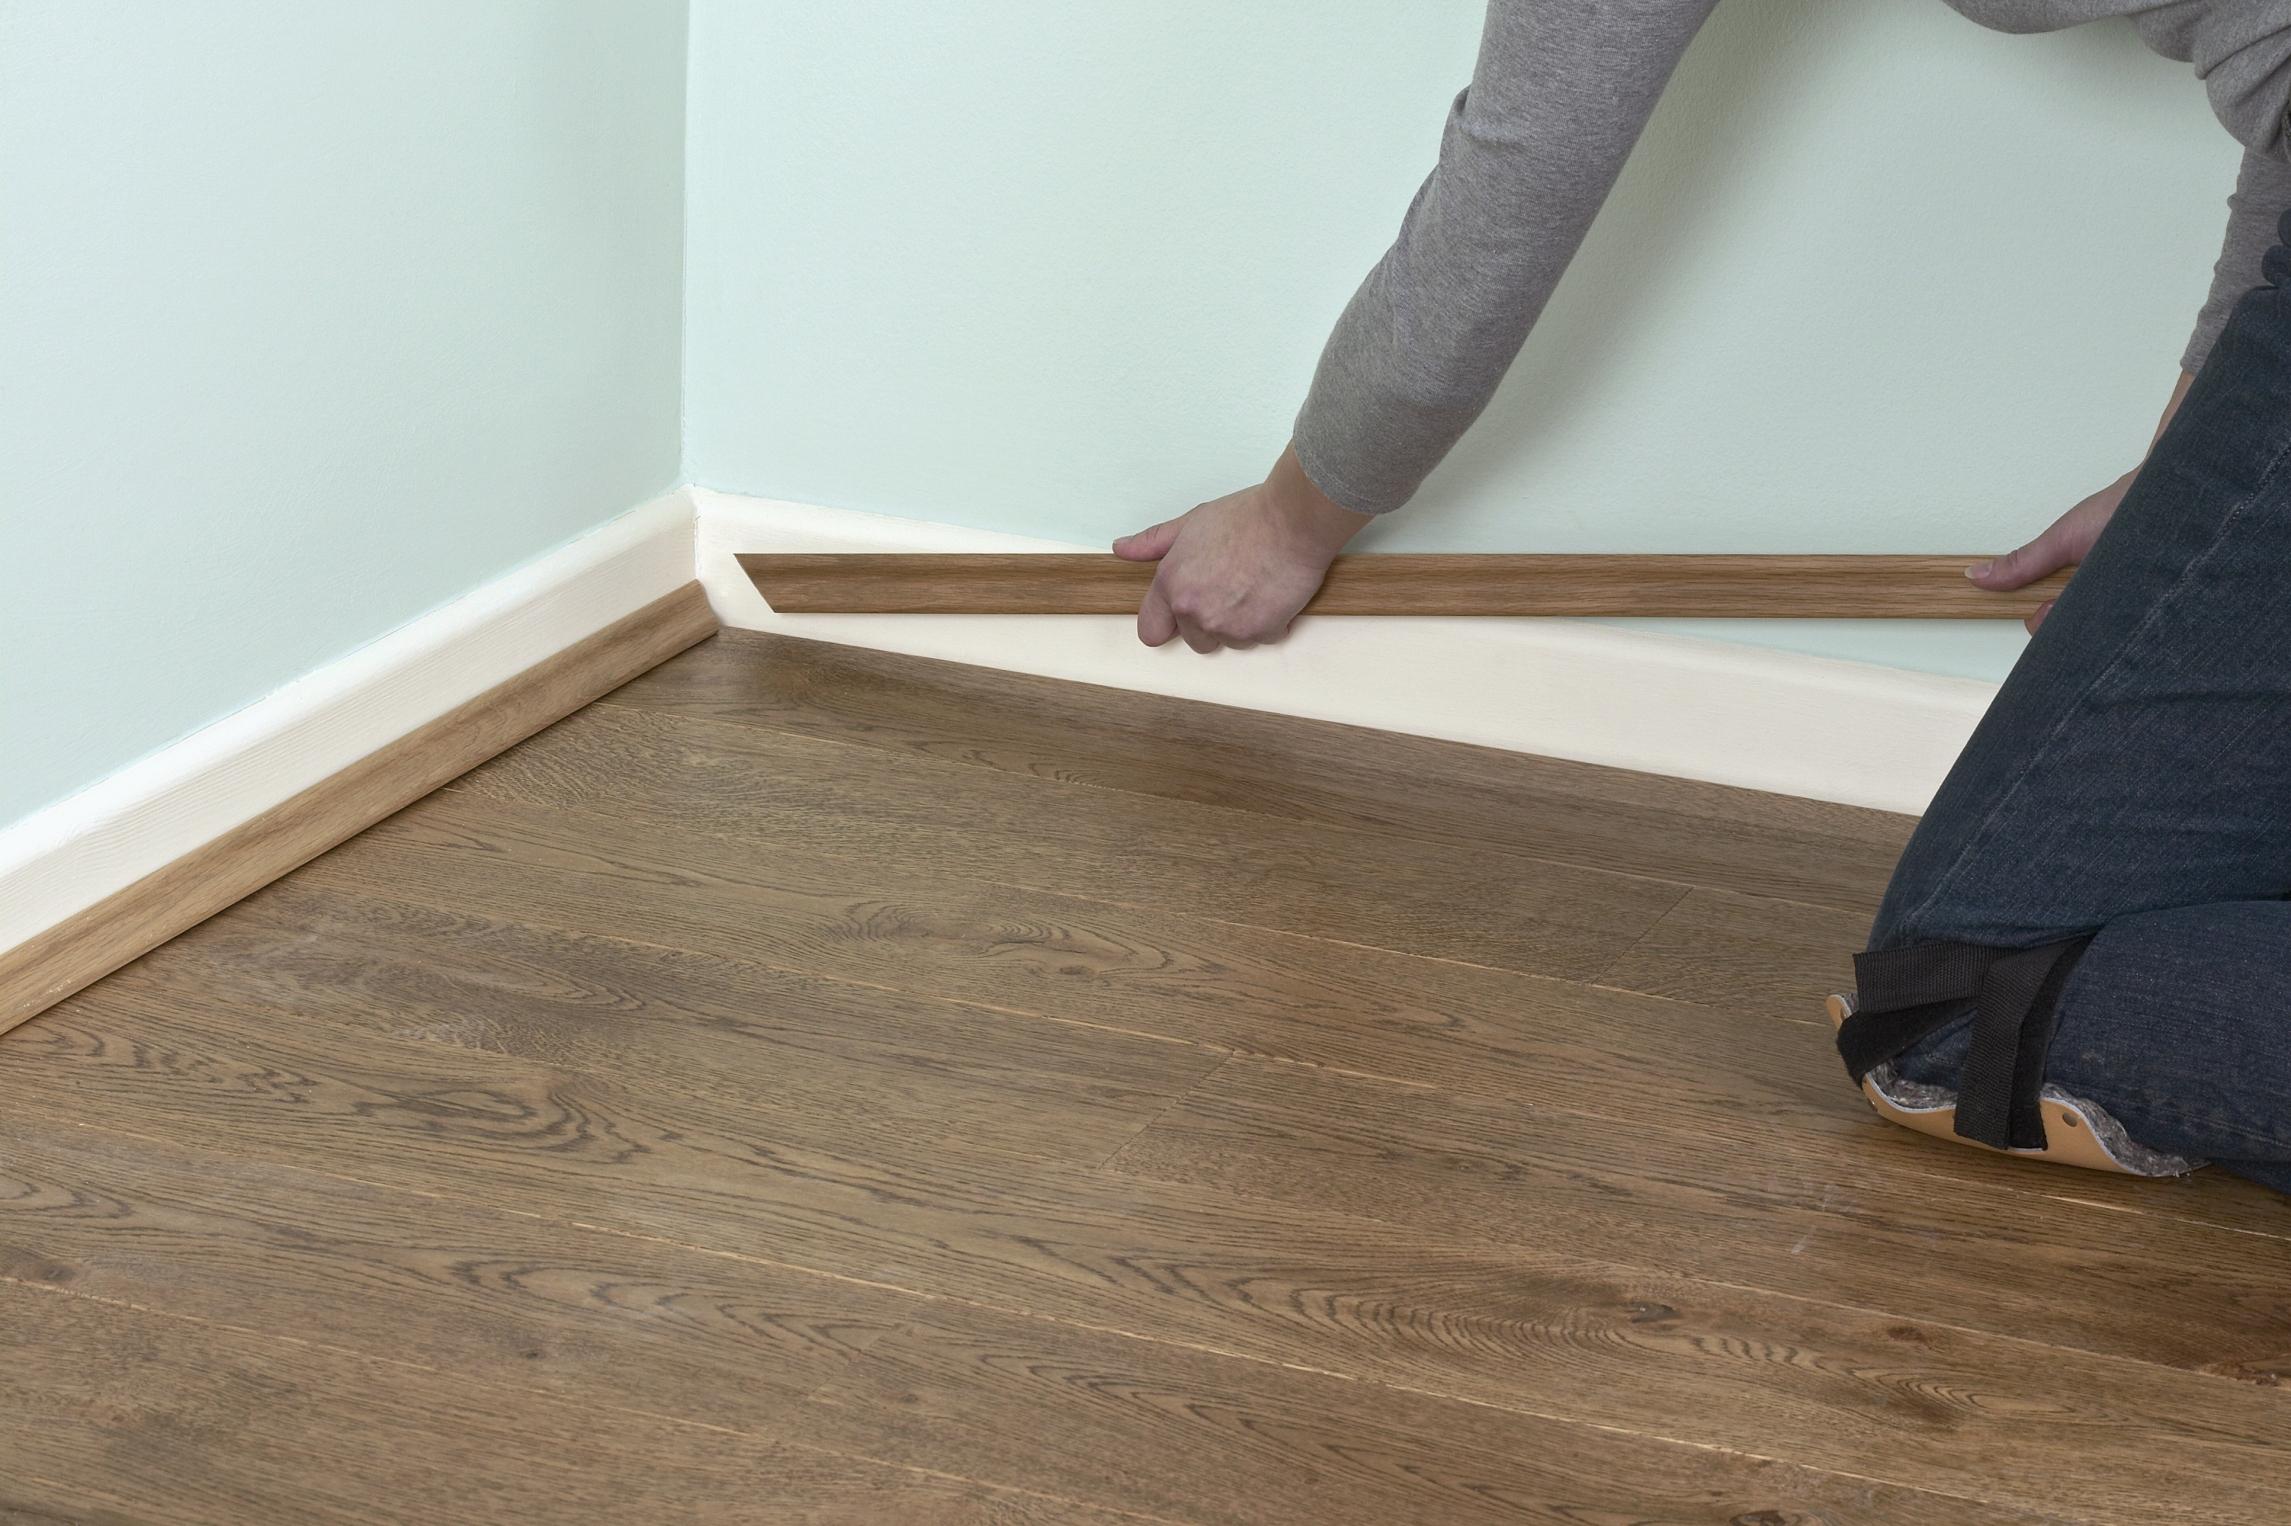 How To Edge Laminate Flooring, How To Edge Laminate Flooring